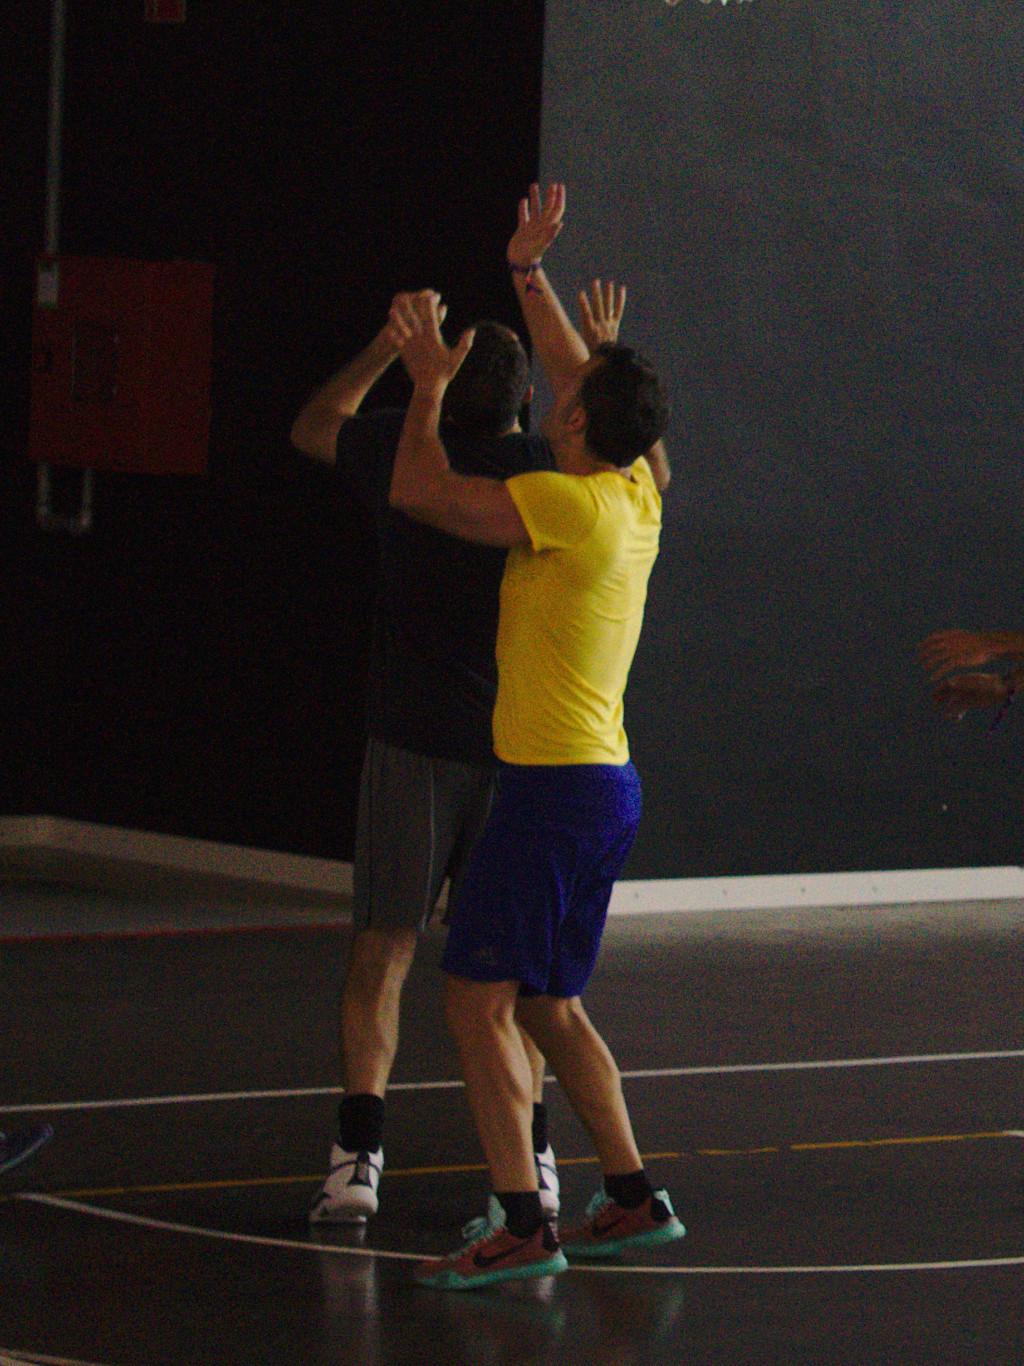 Pachanga De Basket ARF ¡ OTRO AÑO MAS ROCKET CAMPEÓN! - Página 12 Dsc02315